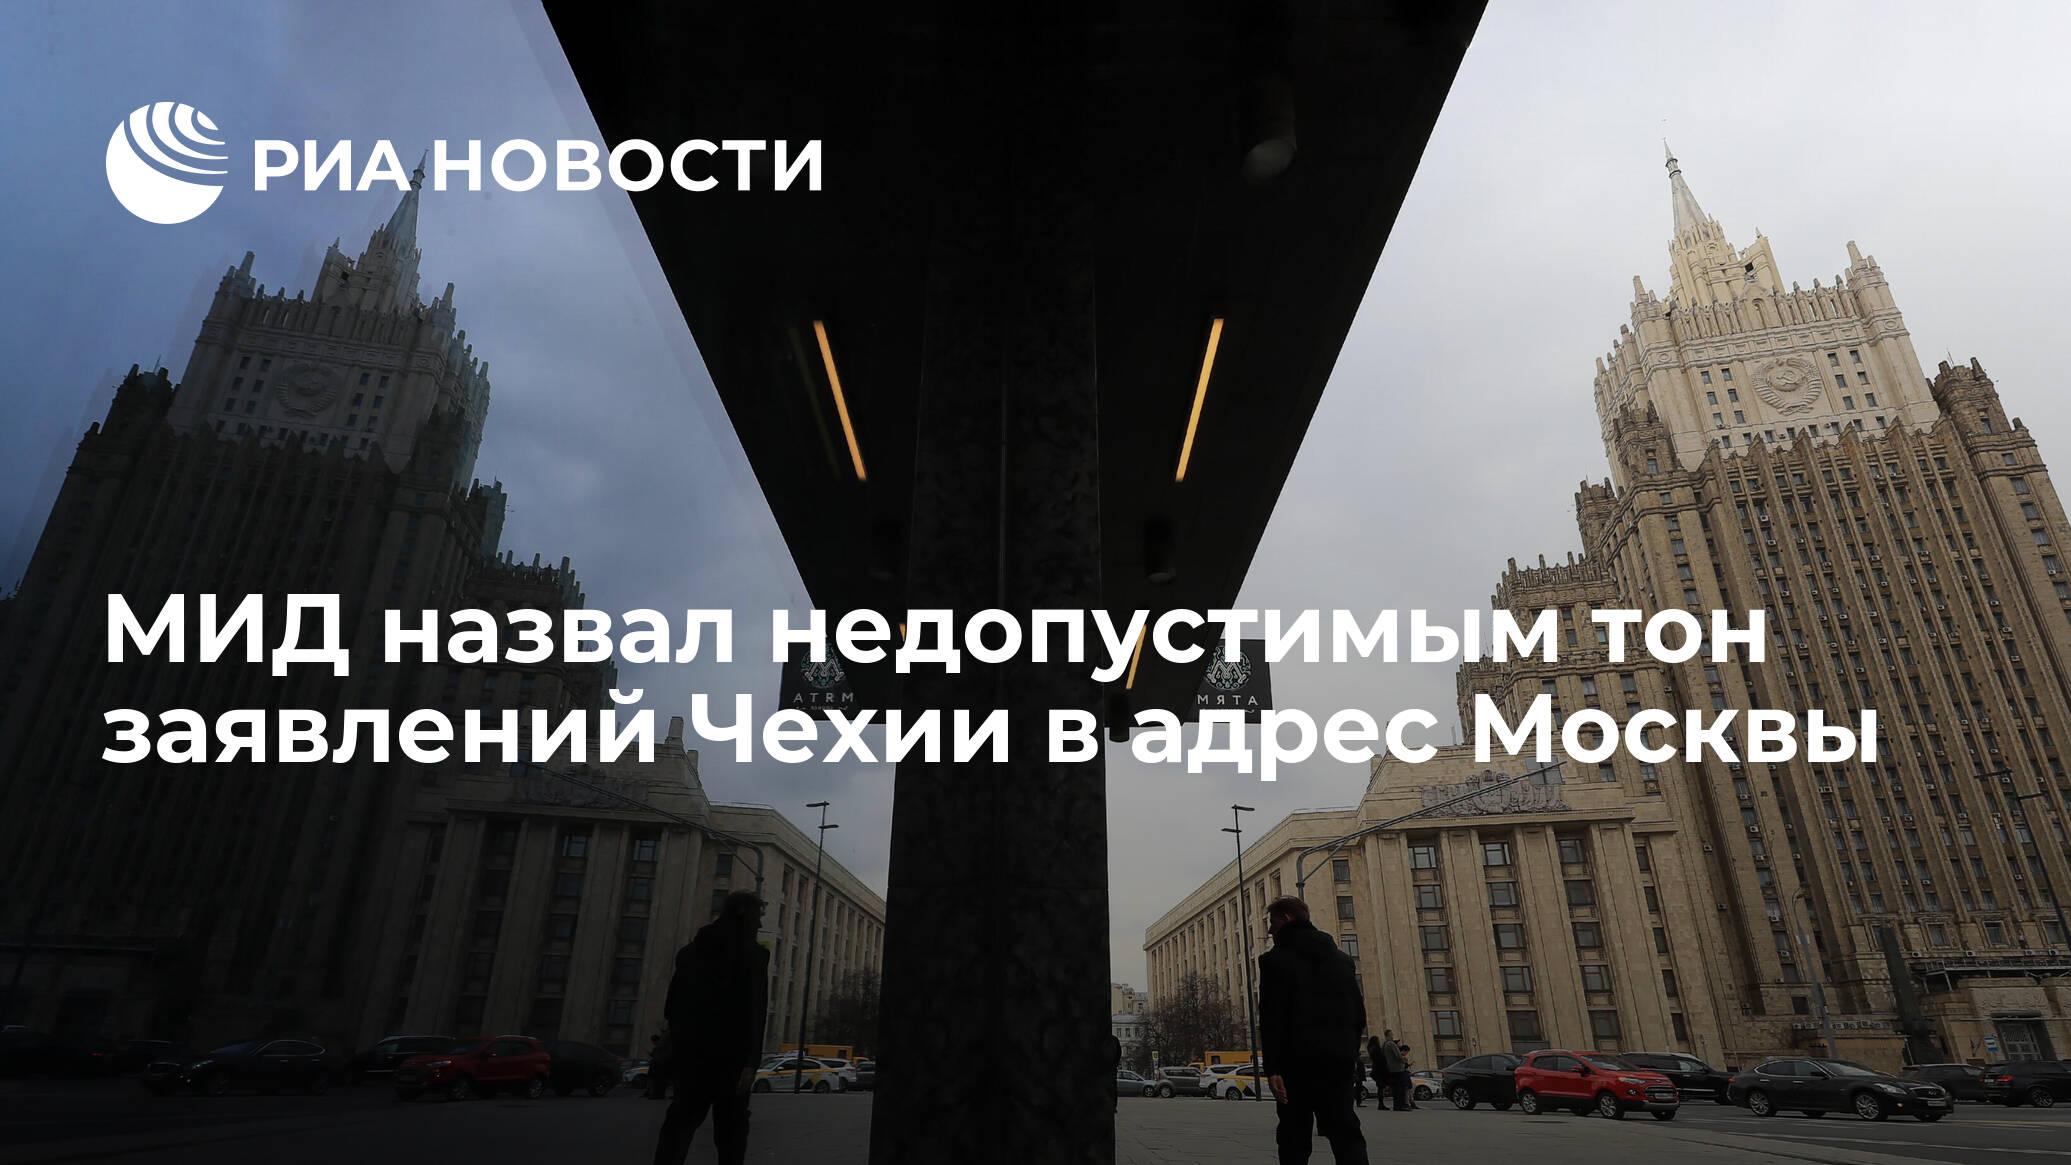 МИД назвал недопустимым тон заявлений Чехии в адрес Москвы